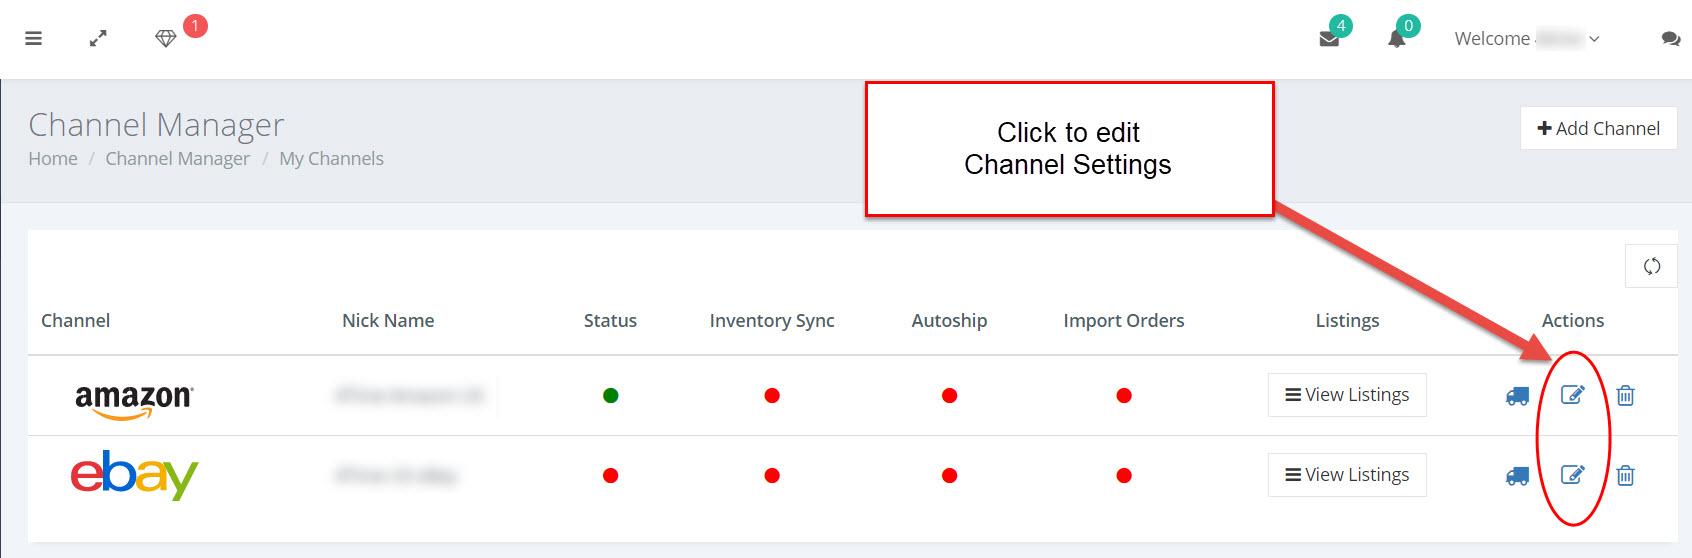 edit-channel-settings